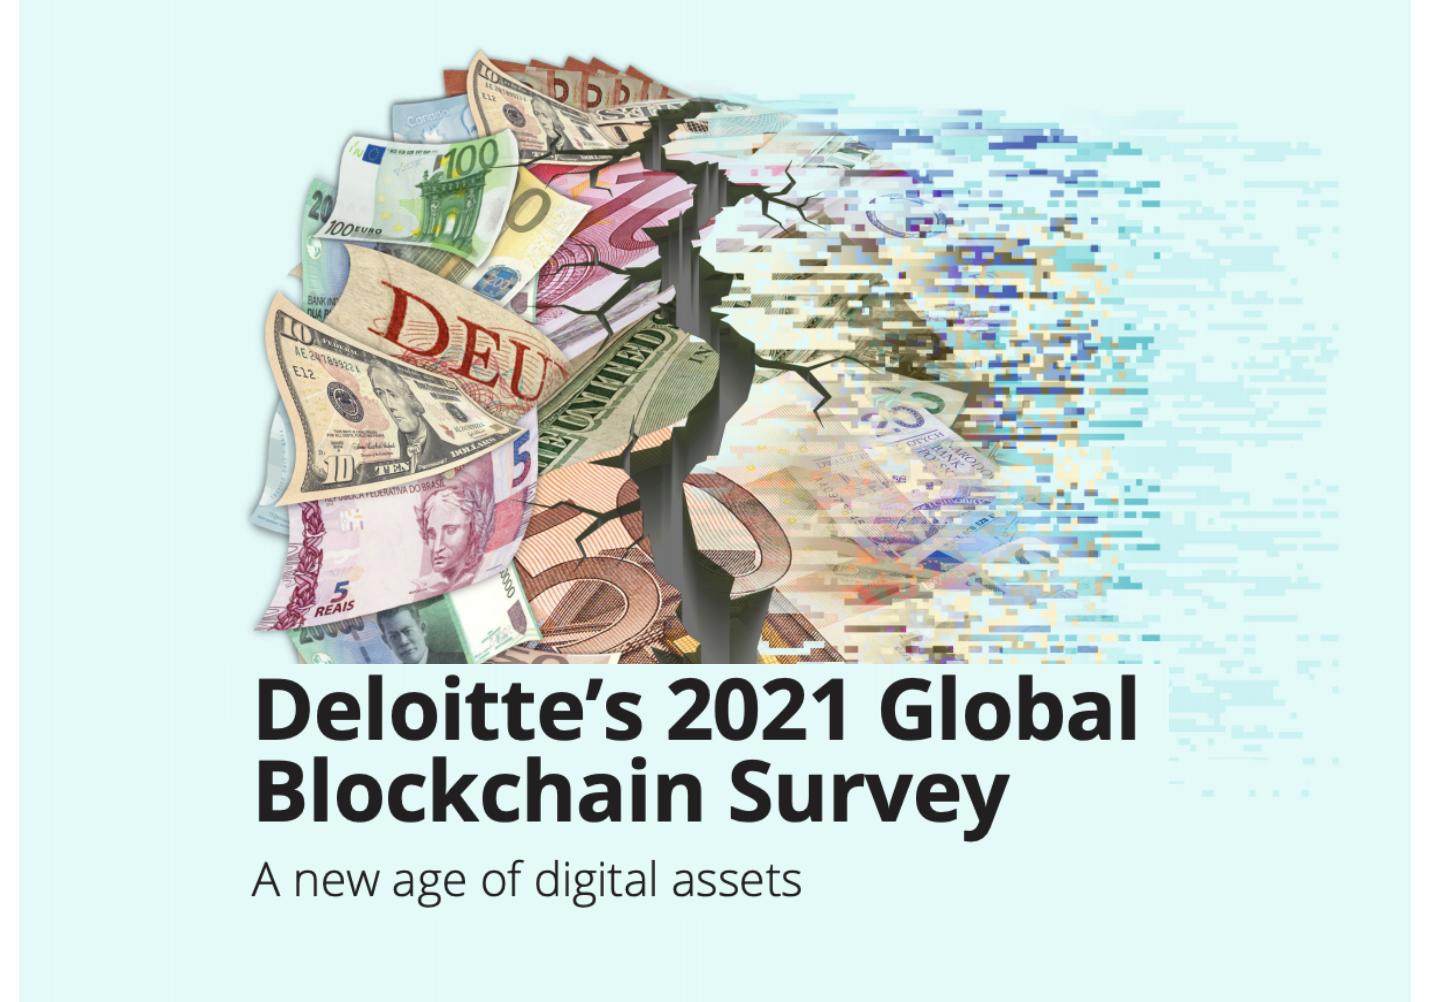 今後5年〜10年以内にデジタルアセットが法定通貨の完全な代替手段として機能するとデロイトが発表。